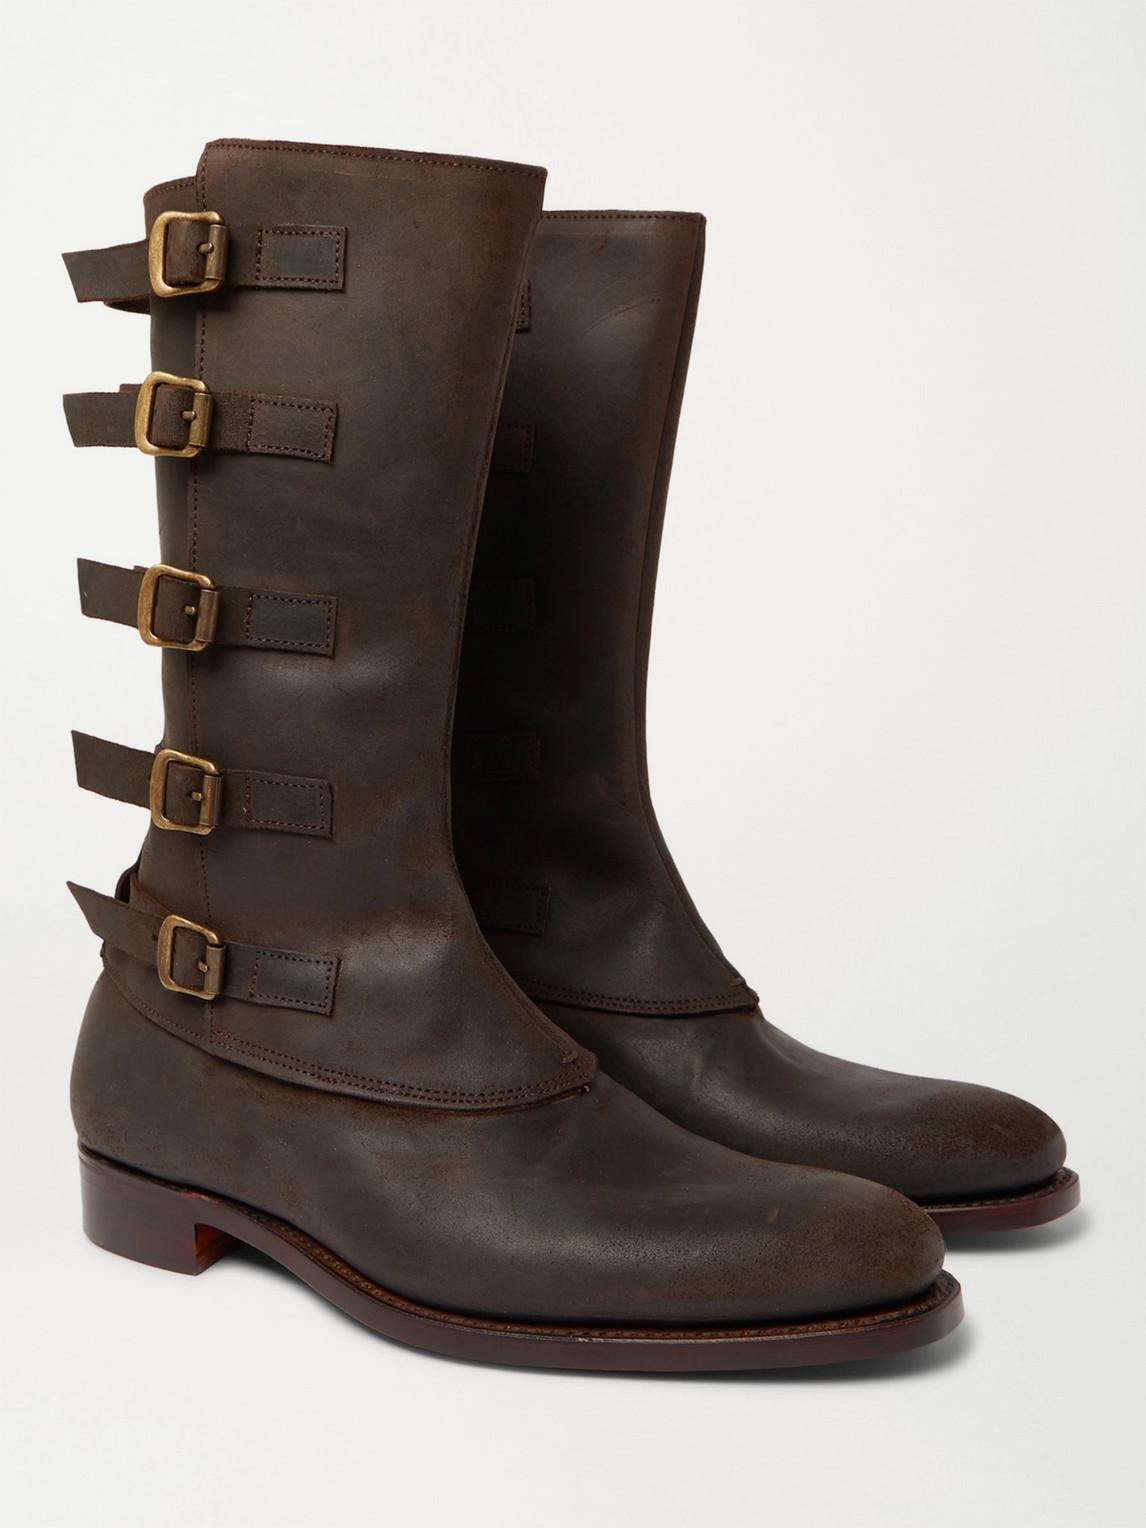 Kingsman George Cleverley Vaughn Buckled Nubuck Boots In Brown